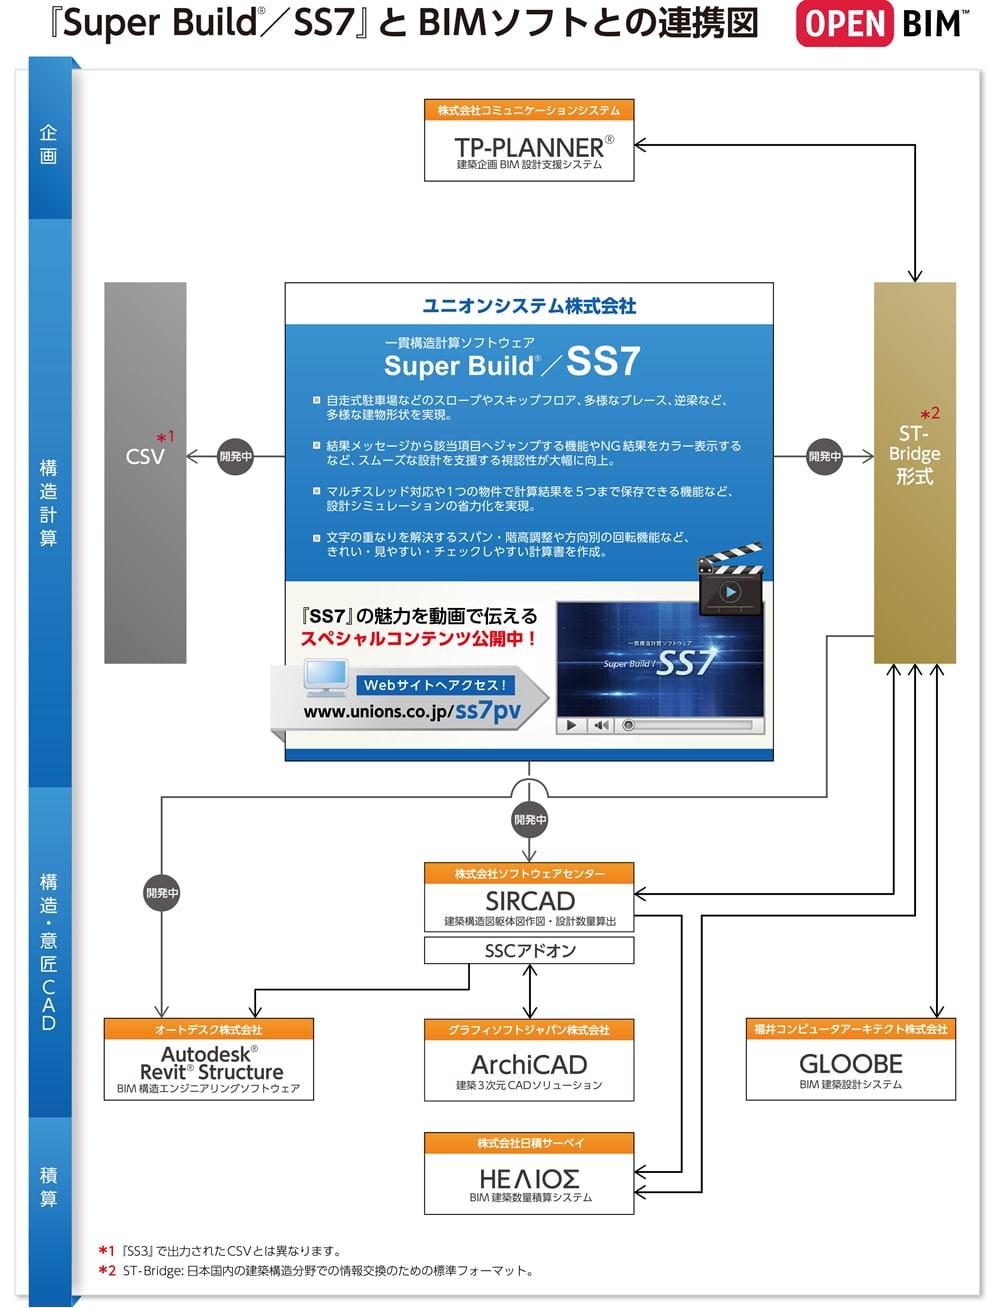 『SS7』とBIMソフトウェアとの連携図